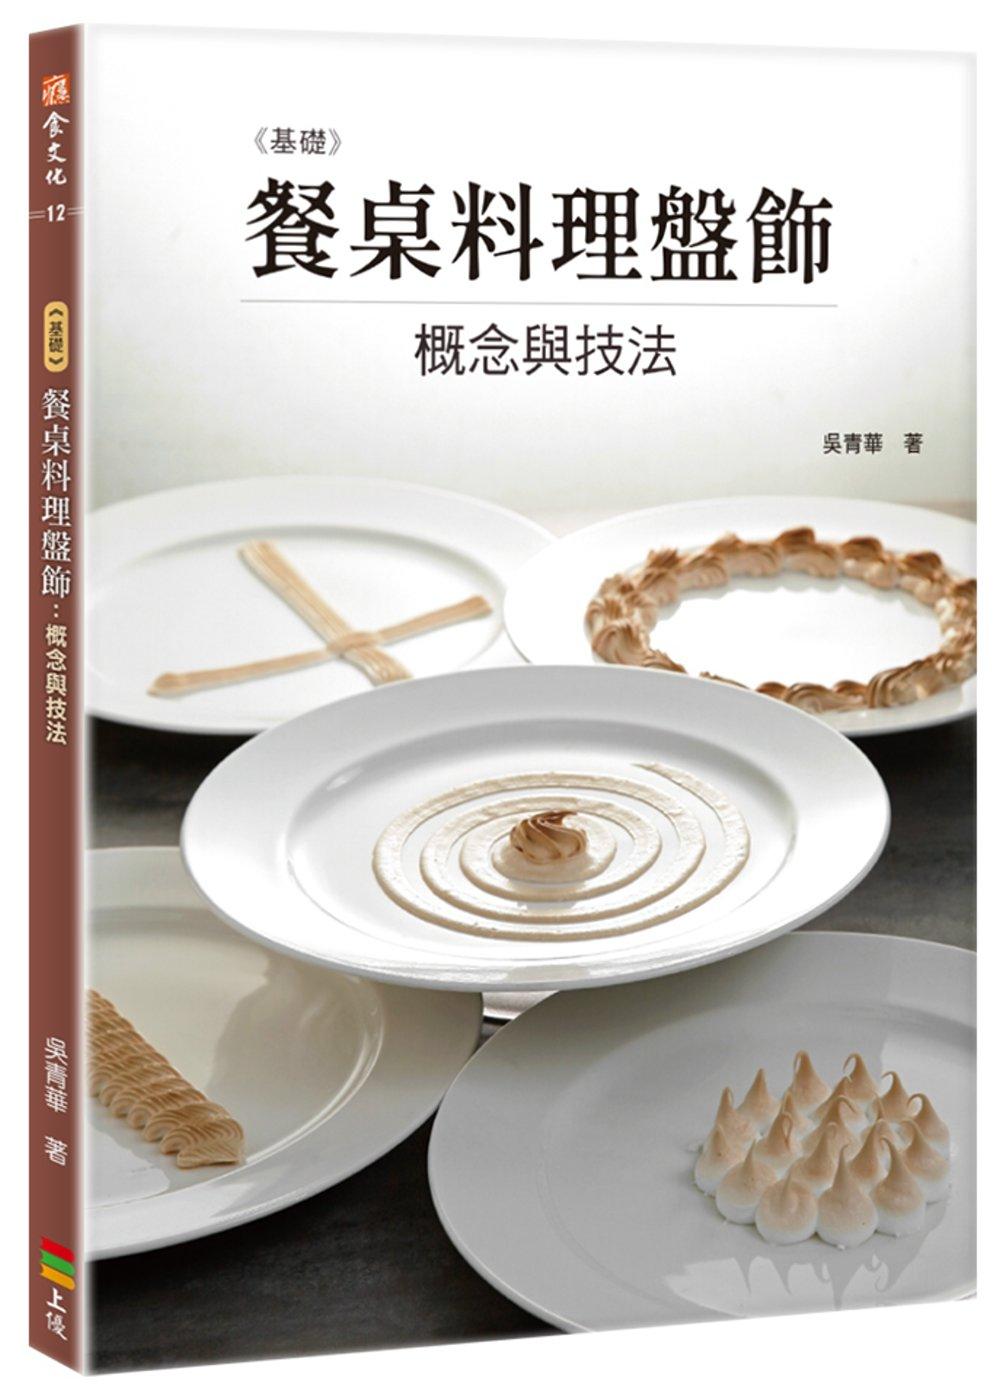 基礎餐桌料理盤飾:概念與技法(親簽版+贈品)